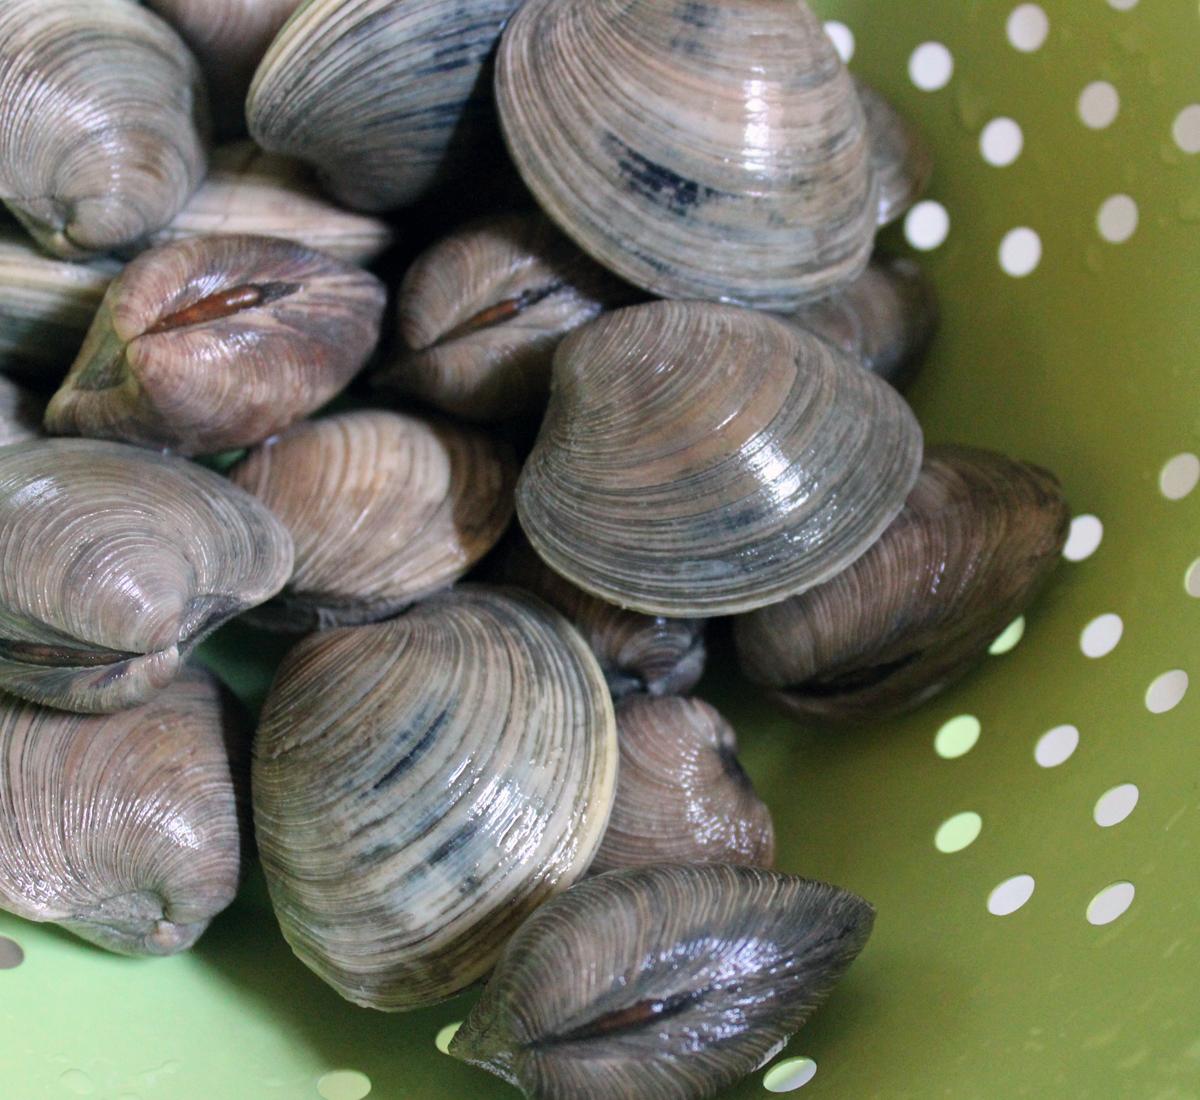 clams4